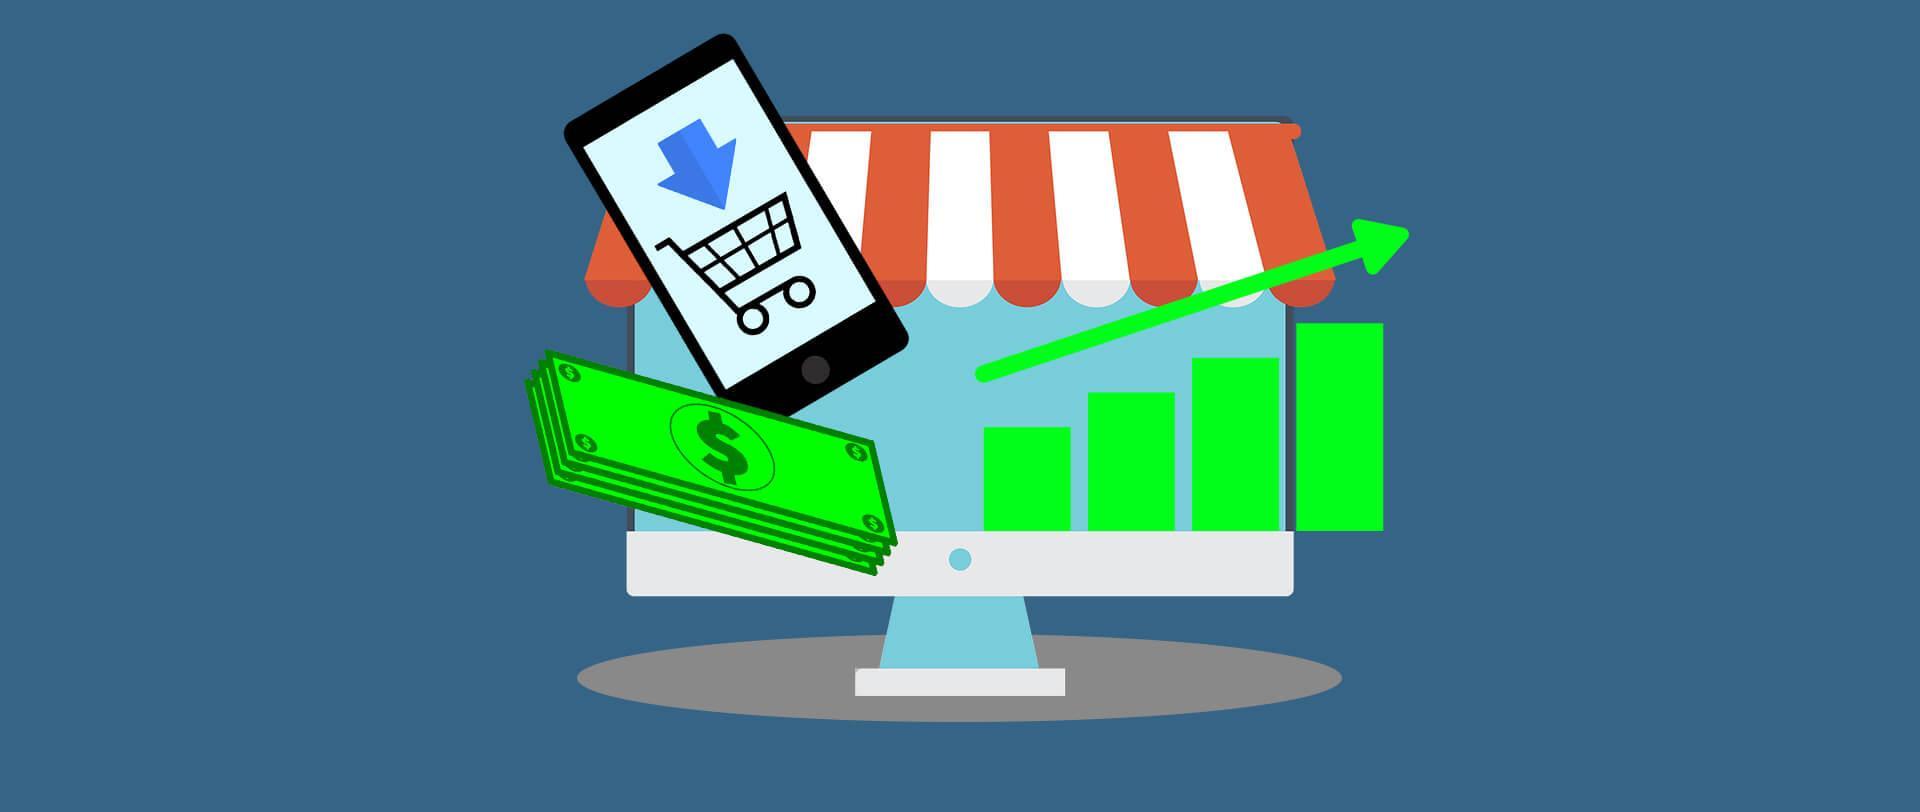 8 златни правила при изграждане на онлайн магазин